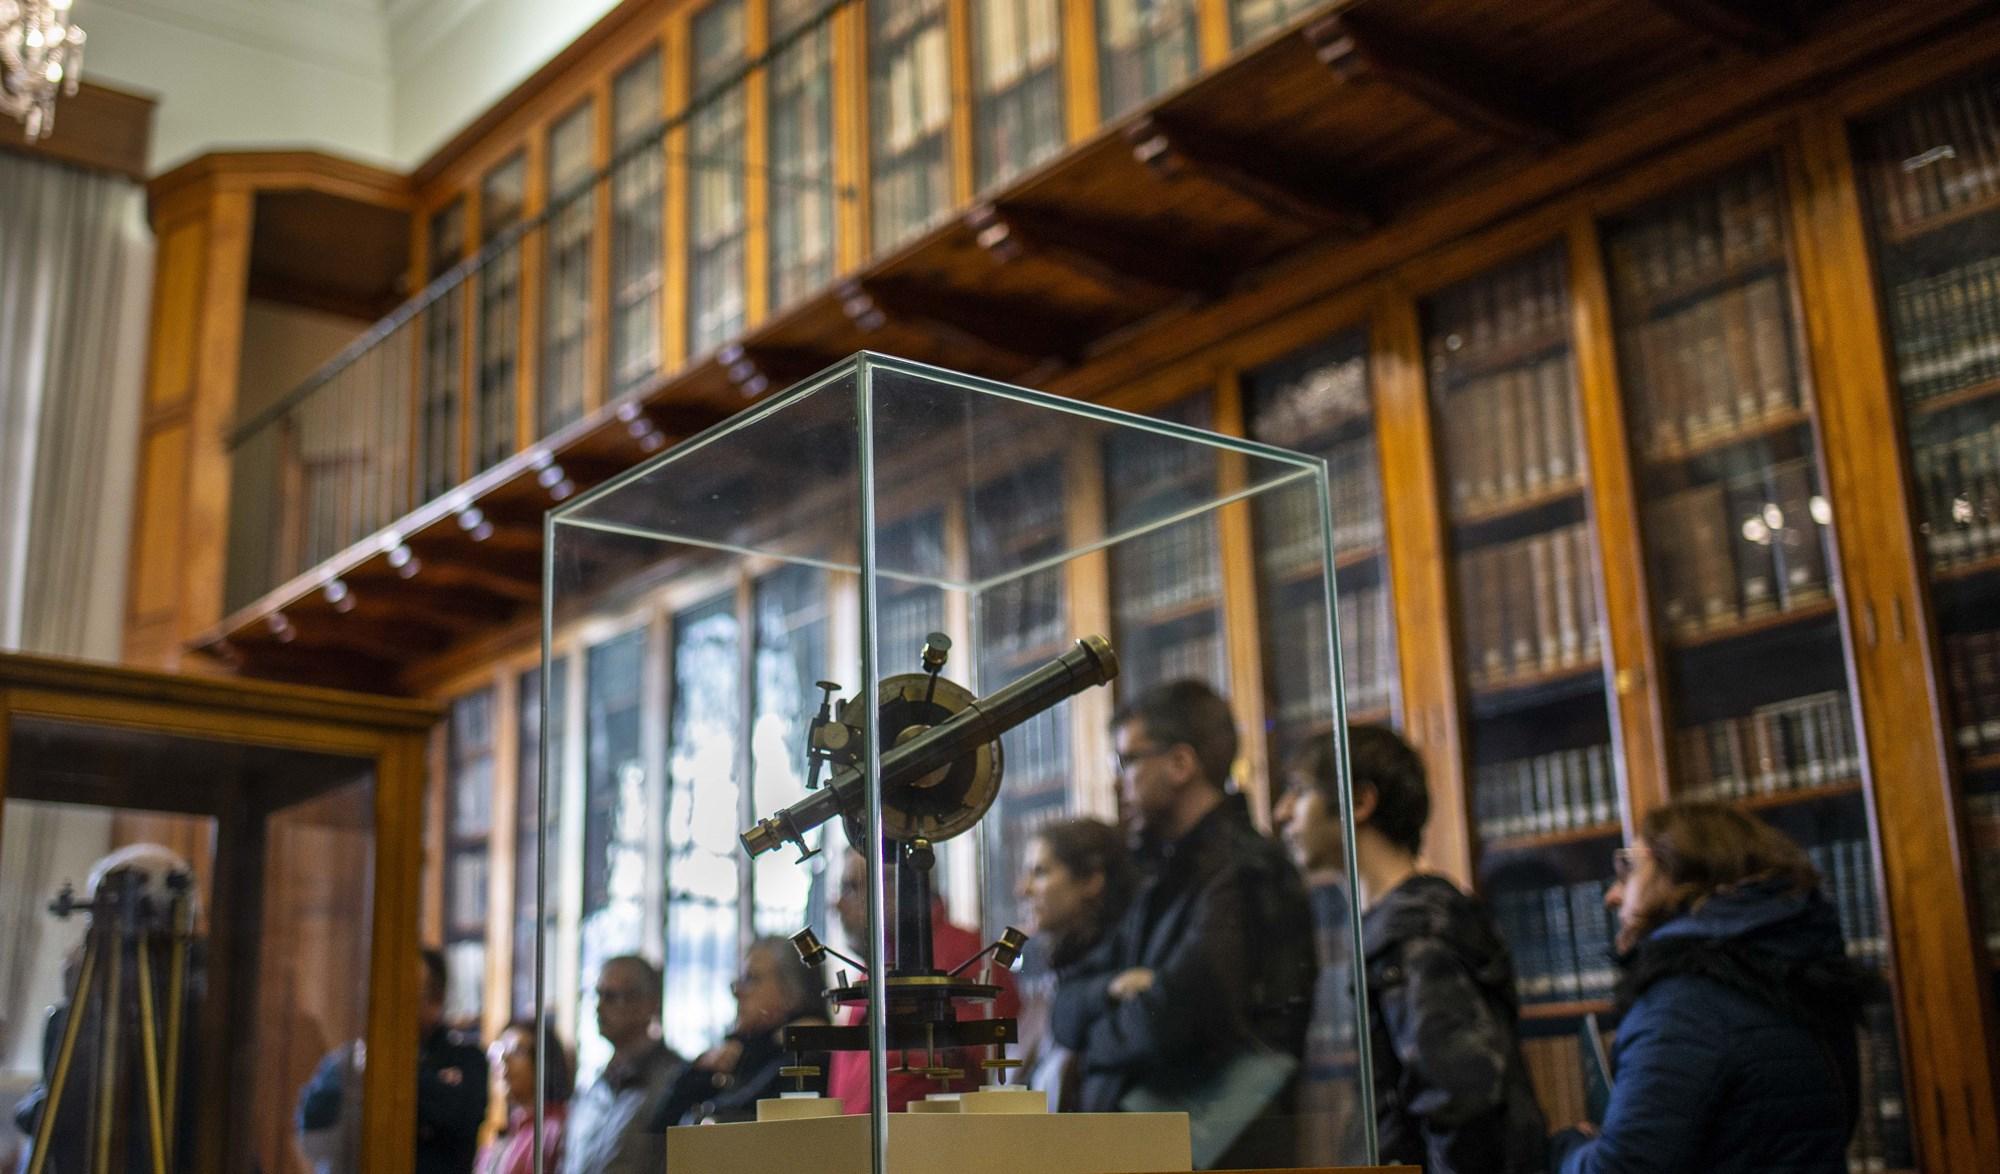 Las explicaciones de María se entienden mejor en el interior de la biblioteca del edificio de Villanueva.